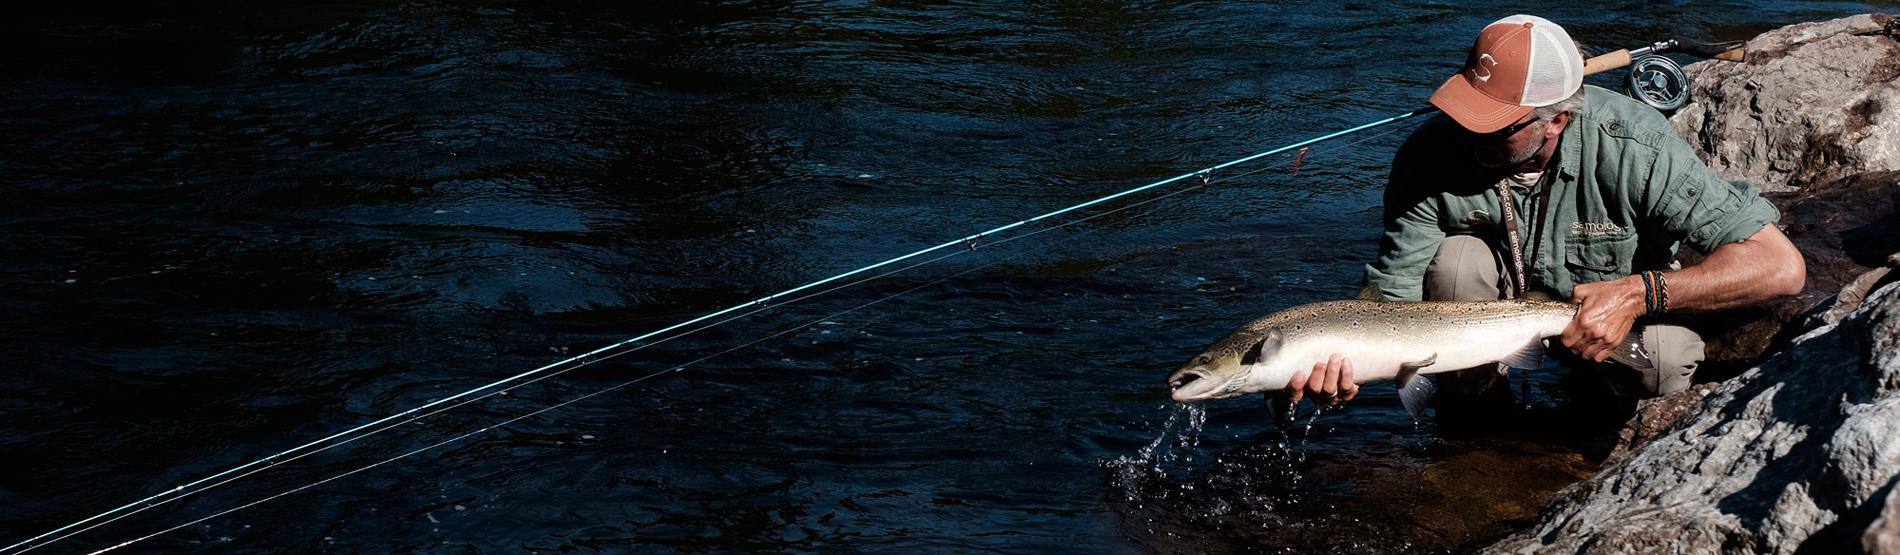 Henrik Mortensen beim Fliegenfischen auf Lachs